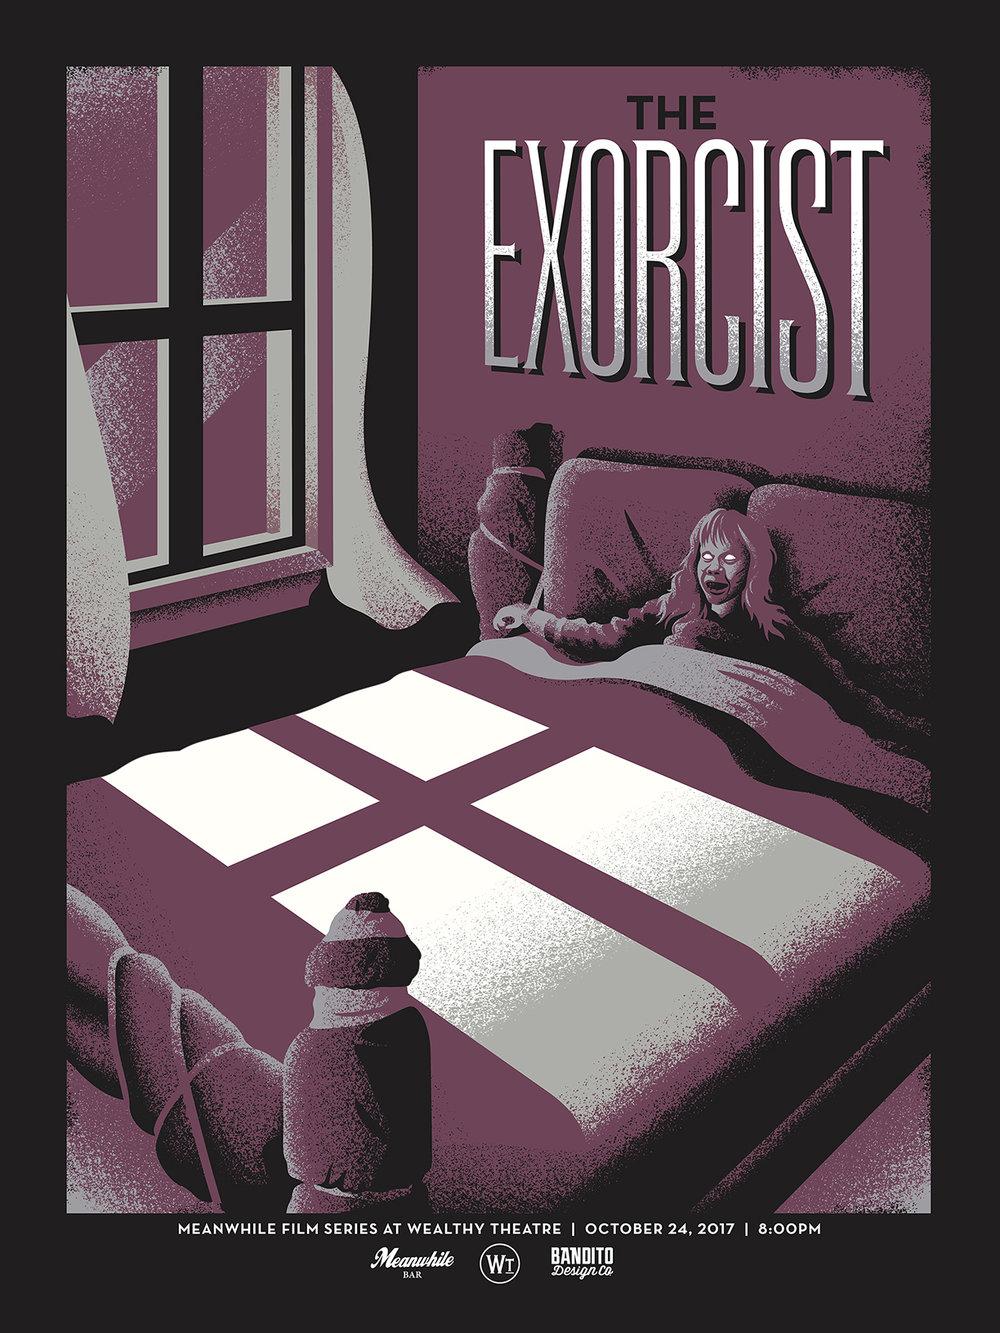 exorcist_final_2.jpg